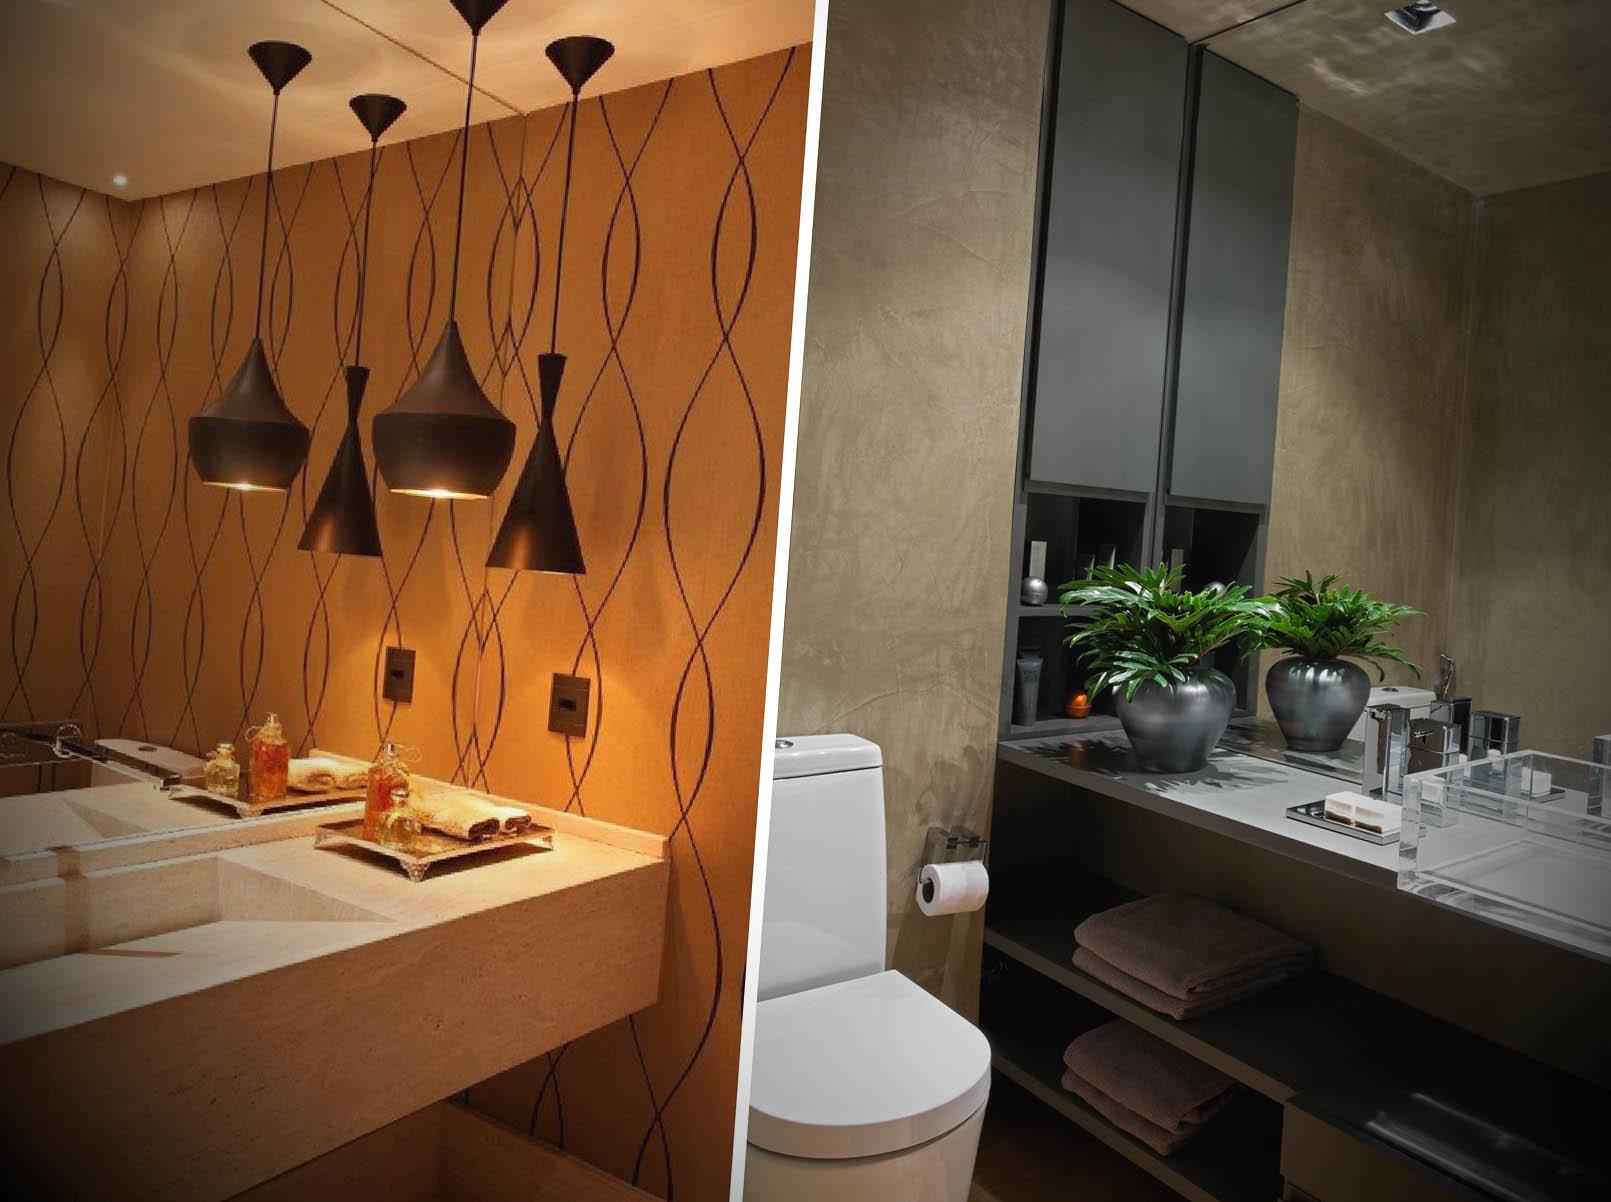 Fotos de lavabos decorados com papel de parede - Papel decorado para paredes ...